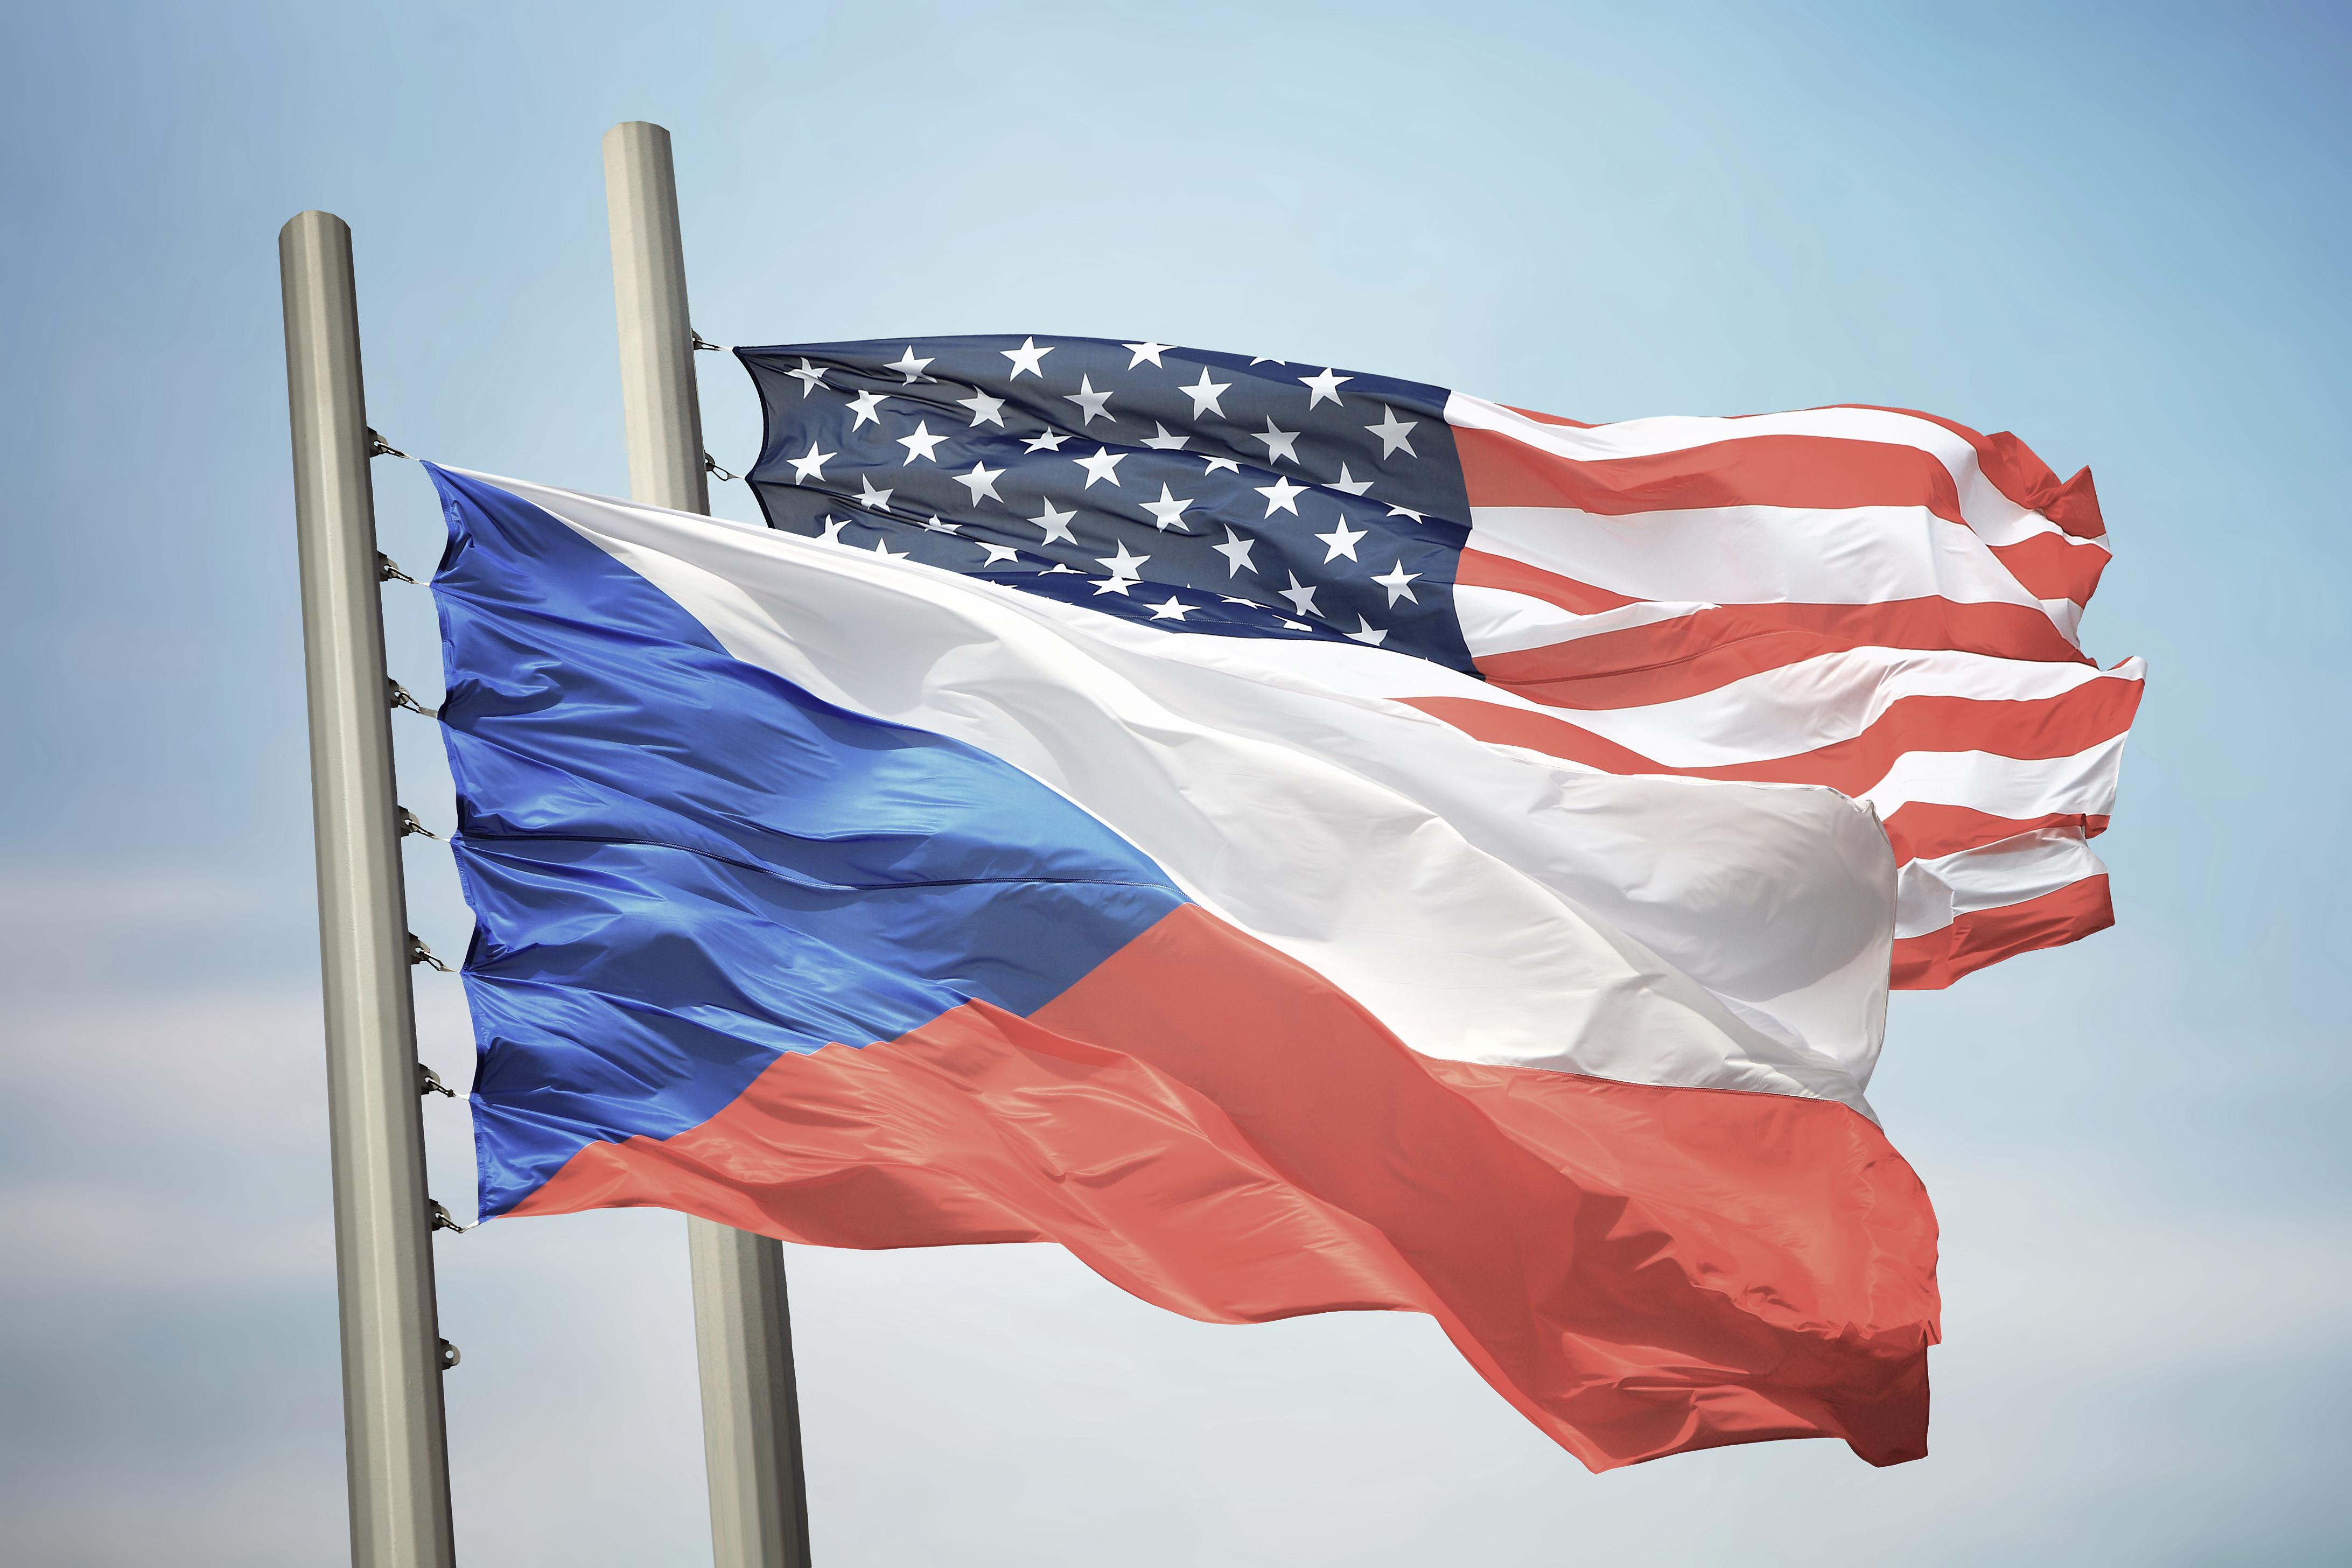 Společně vyvěšené vlajky České republiky a USA symbolizující dobré vzájemné vztahy